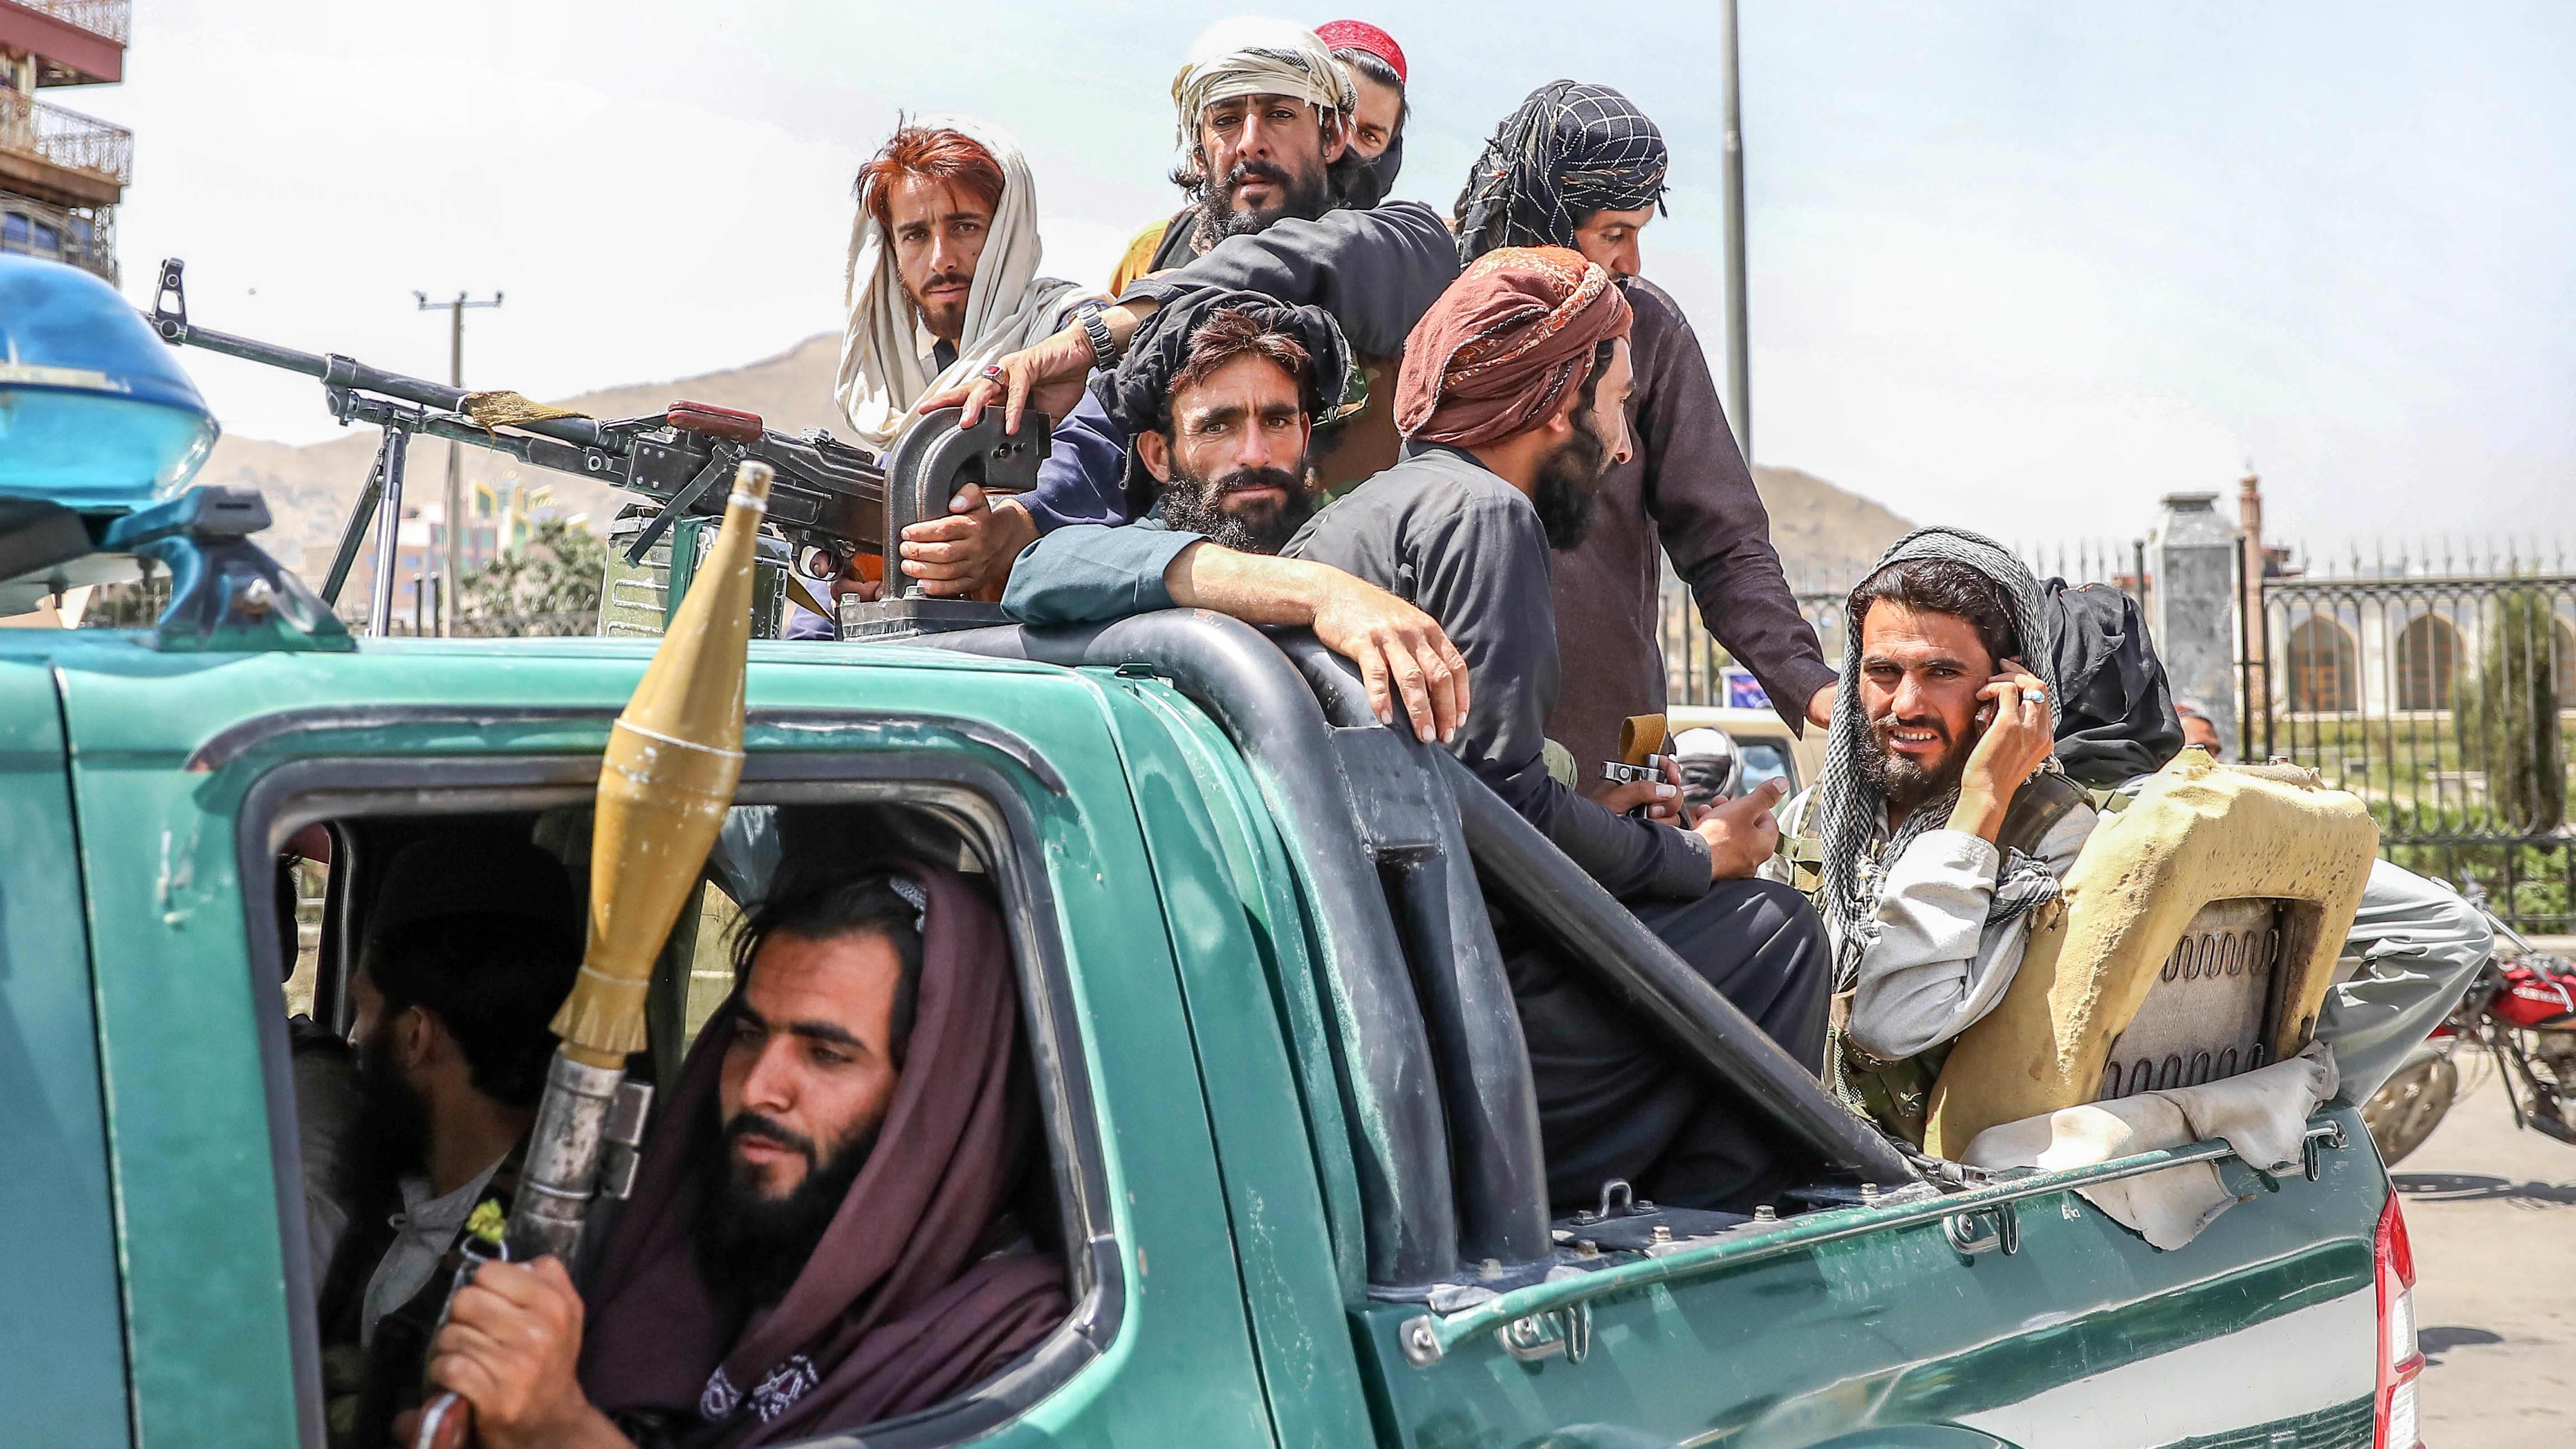 Talibanin taistelijoita aseet kädessään.